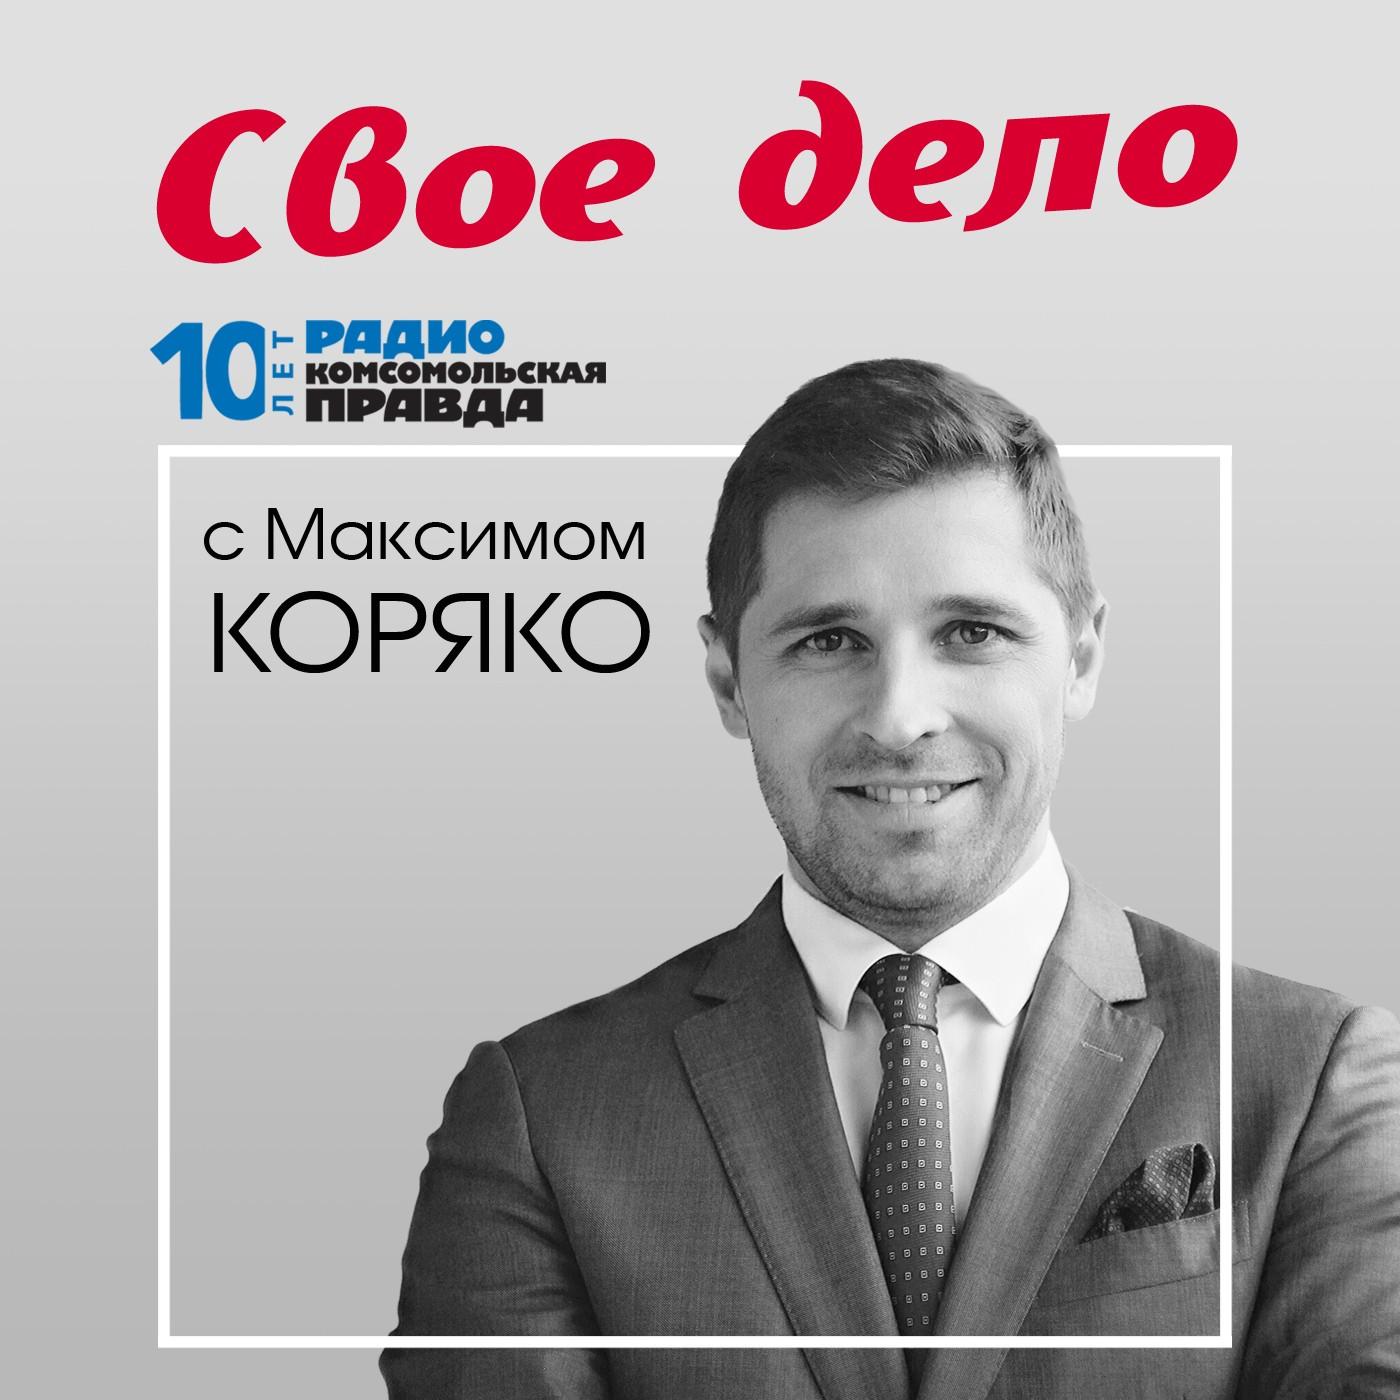 Радио «Комсомольская правда» Генеральная уборка радио комсомольская правда в какую секцию отдать ребенка